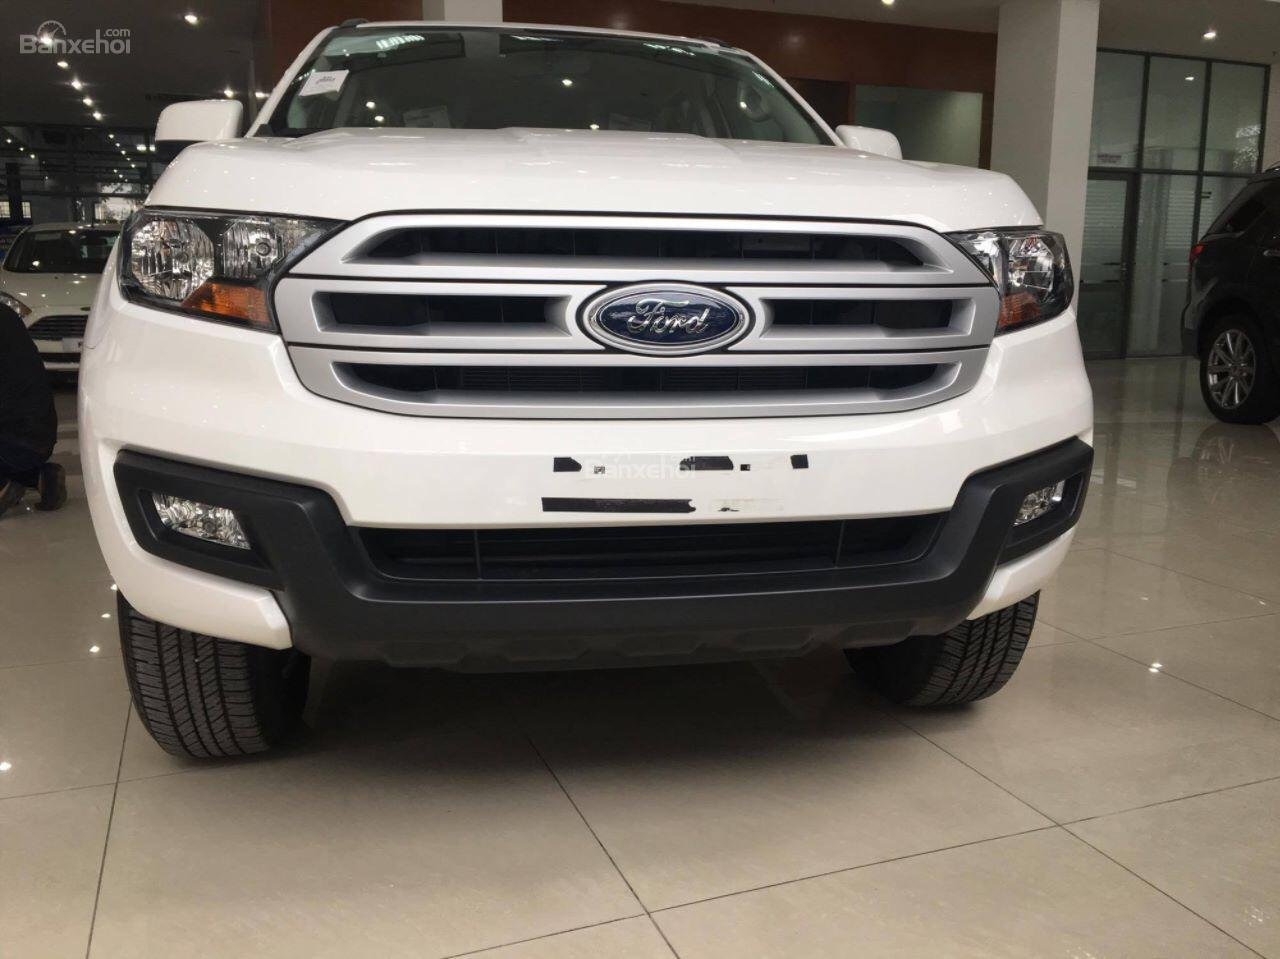 Bán Ford Everest Ambiente đời 2018, nhập khẩu, giao xe liền-1